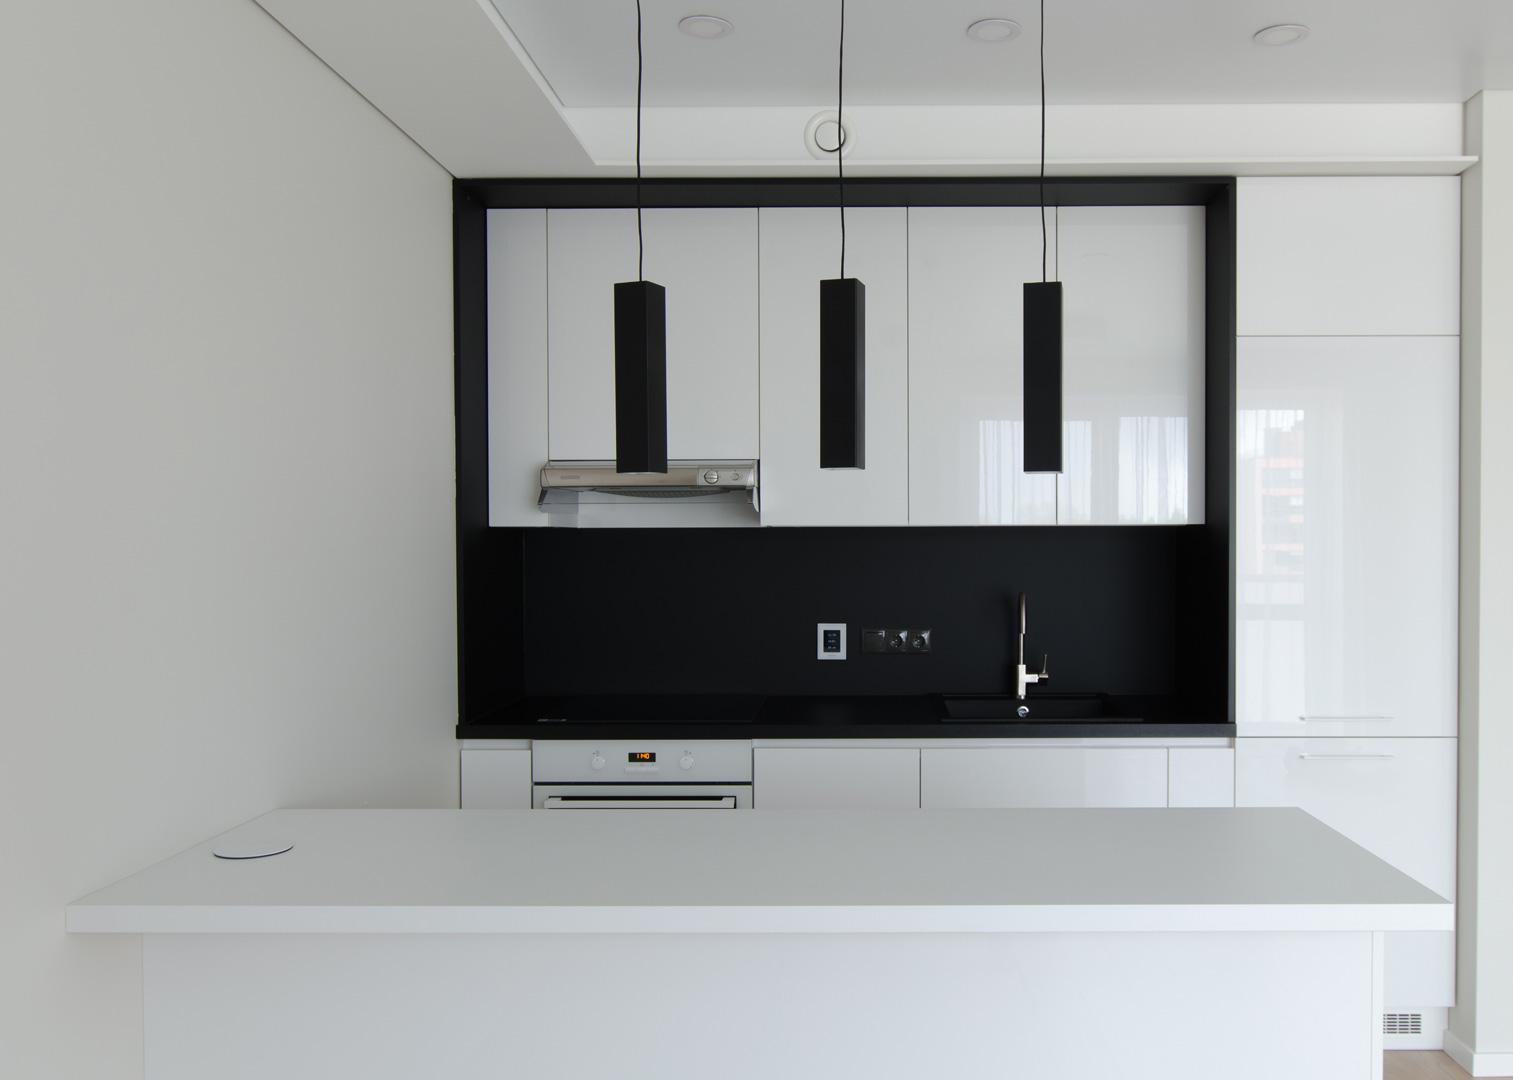 virtuves_dizainas_balta_pilaite_vilmesta